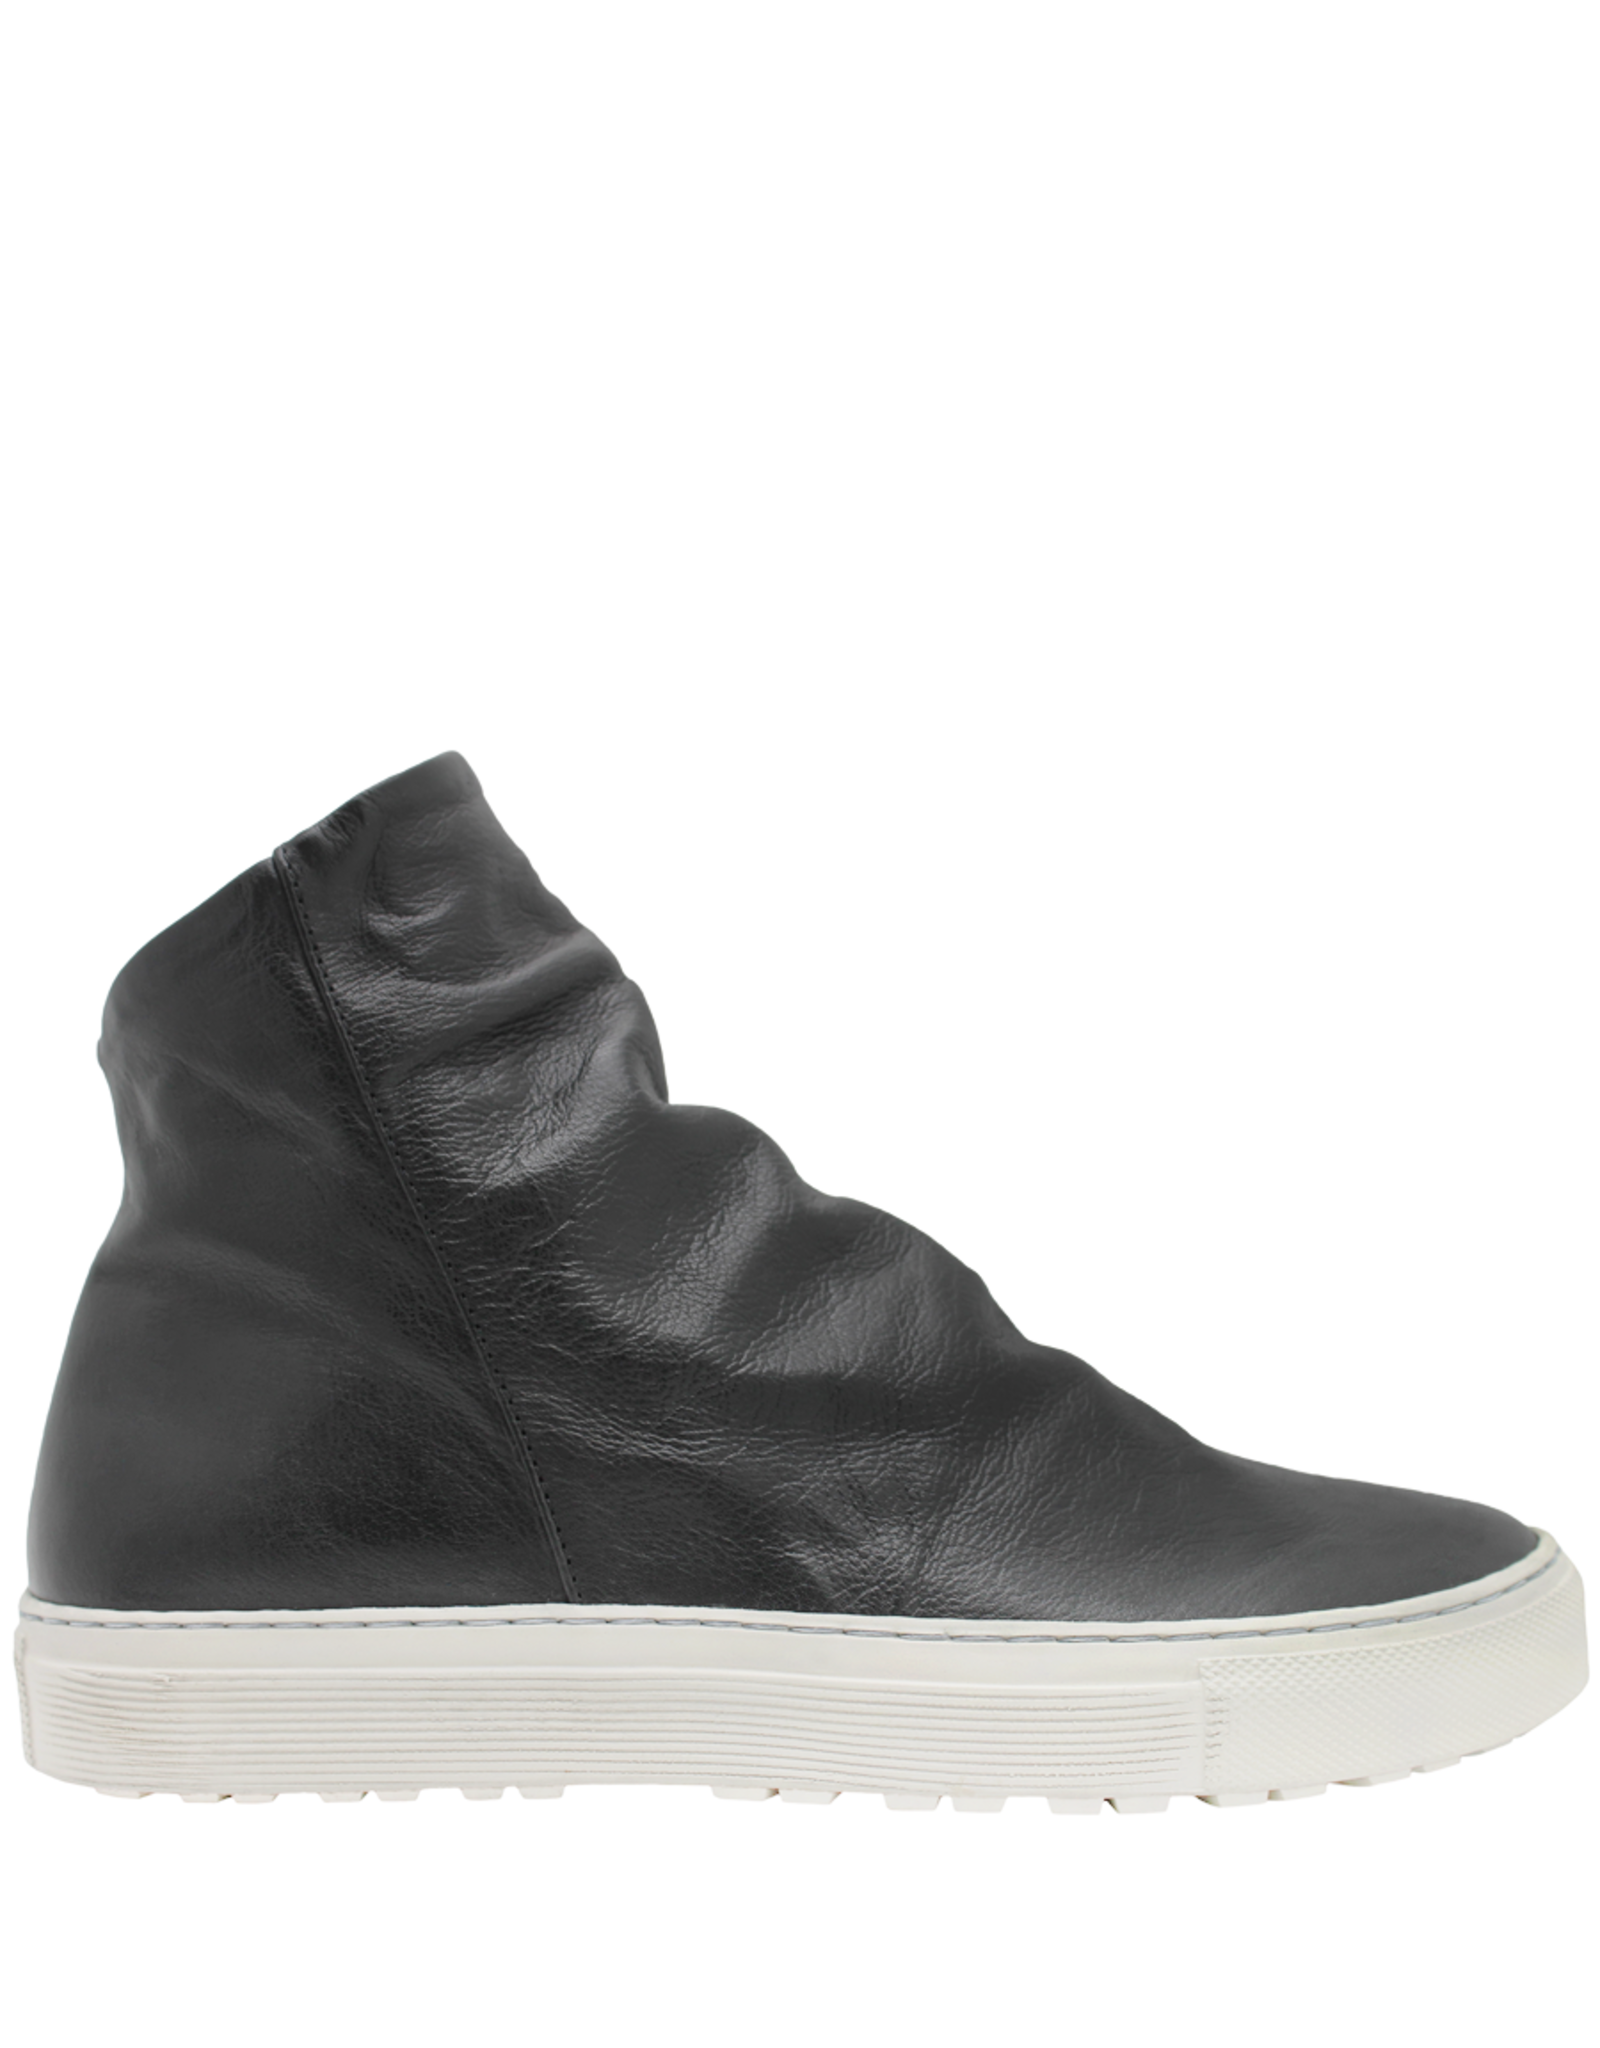 Fiorentini+Baker Fiorentini+Baker Black Calf Side Zipper High Top Sneaker Biel